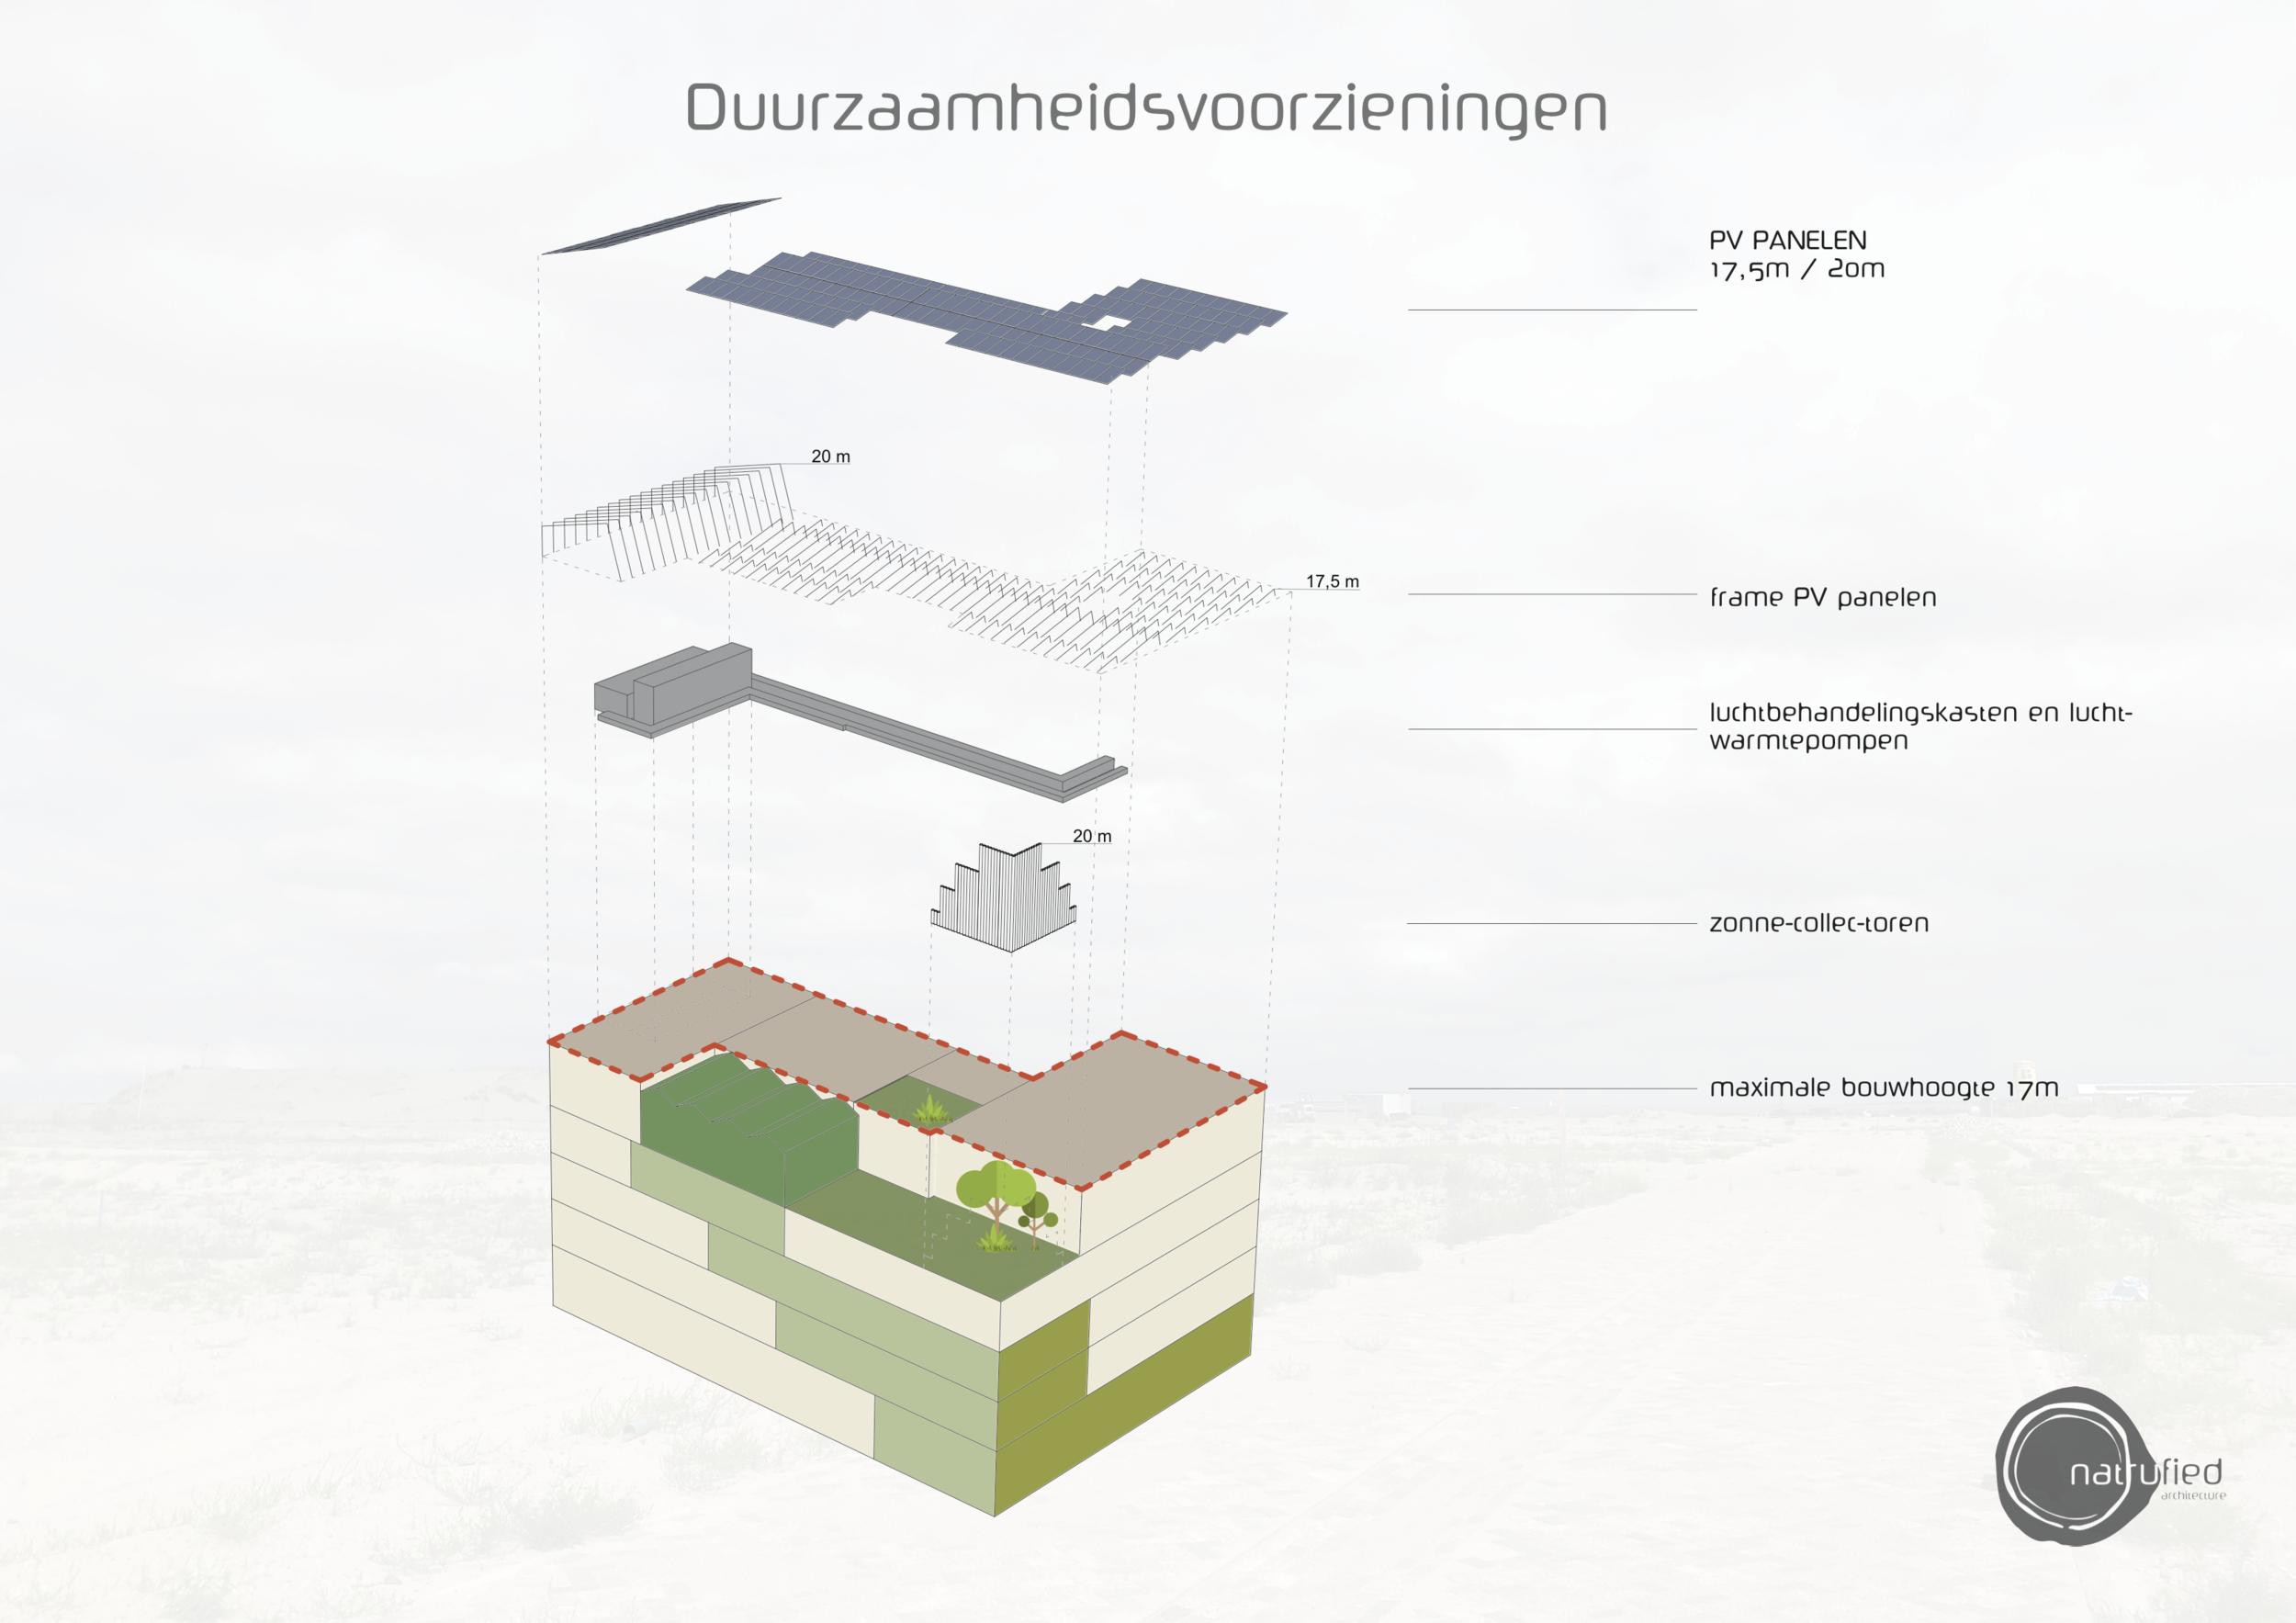 Duurzaamheidsvoorzieningen op het dak (c) Natrufied Architecture